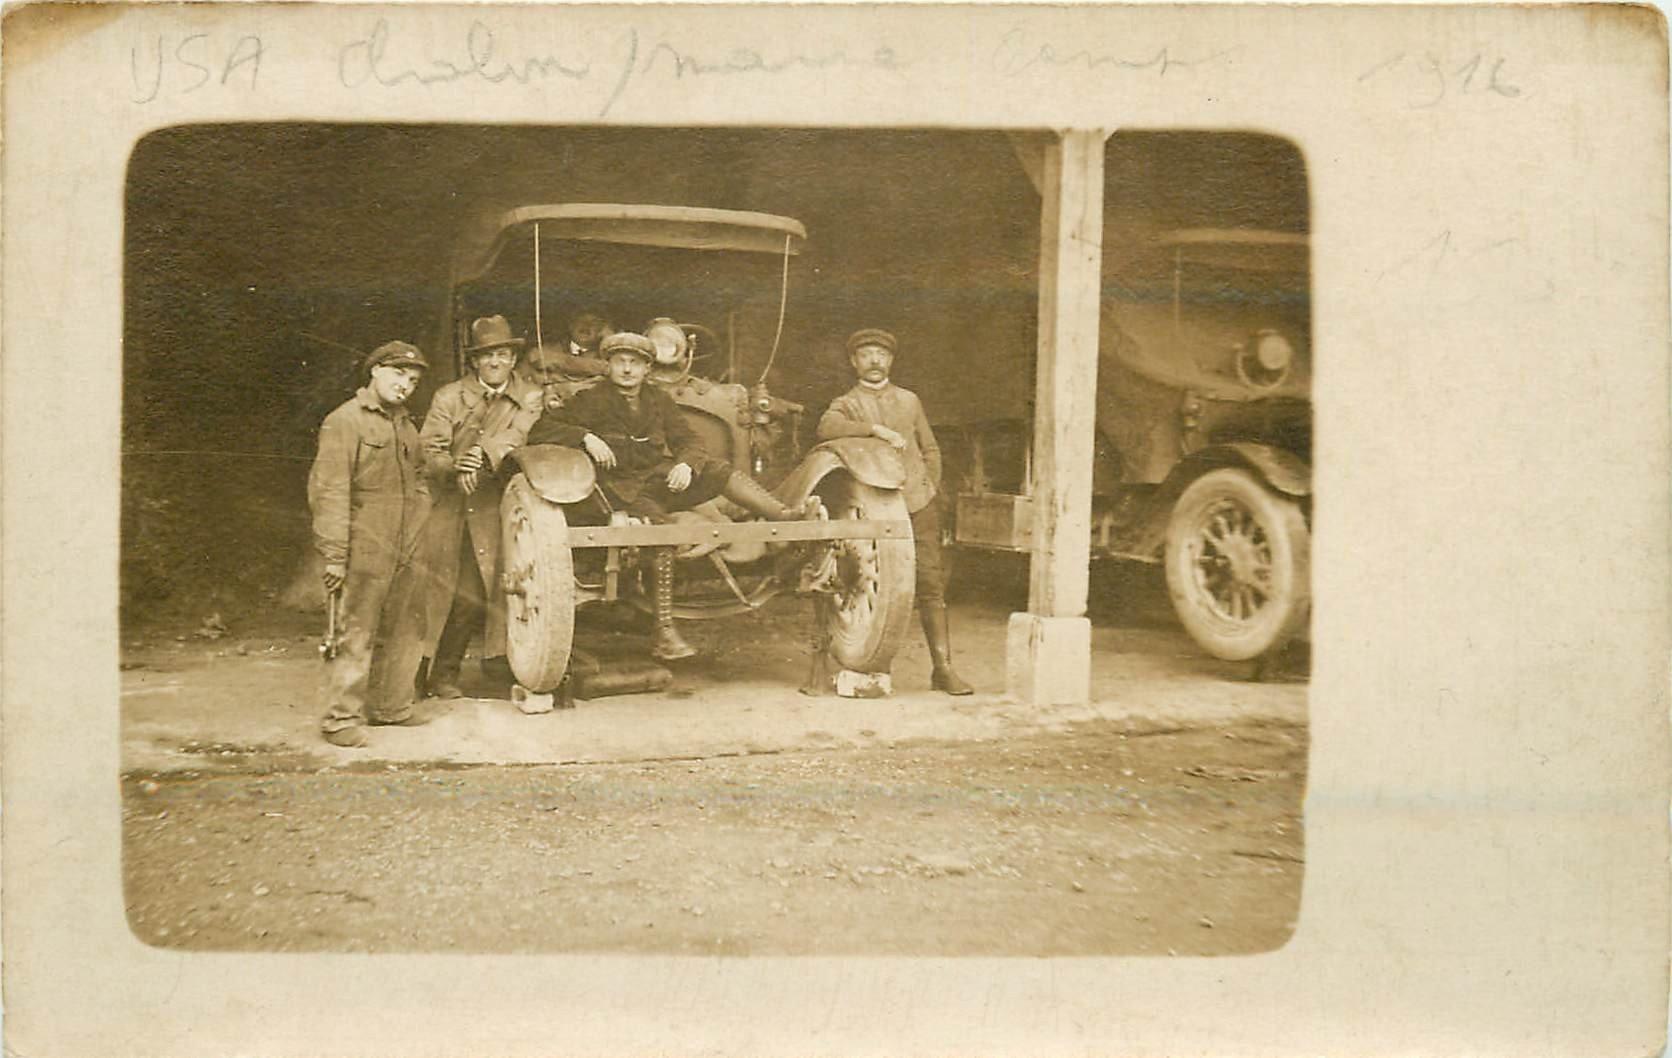 51 CHALON-SUR-MARNE. Mécaniciens sur automobile ancienne sûrement américaine. Photo carte postale ancienne 1916